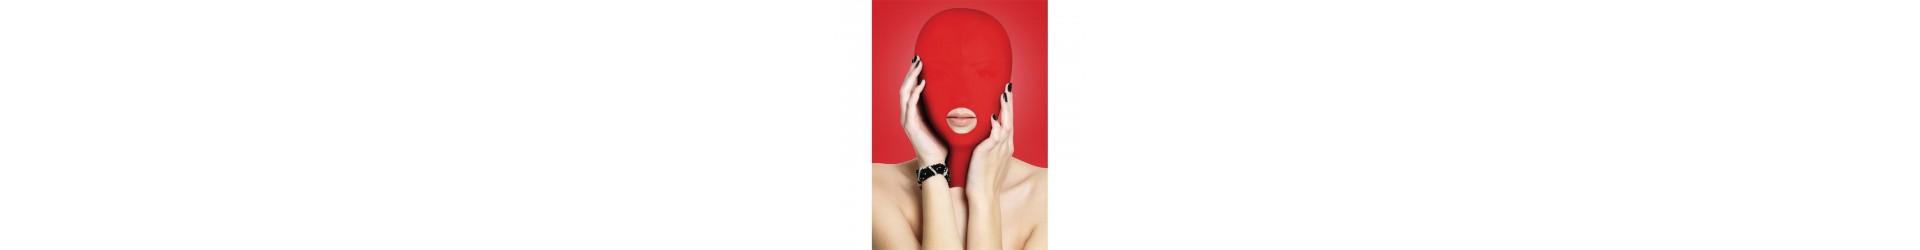 BDSM/Máscaras